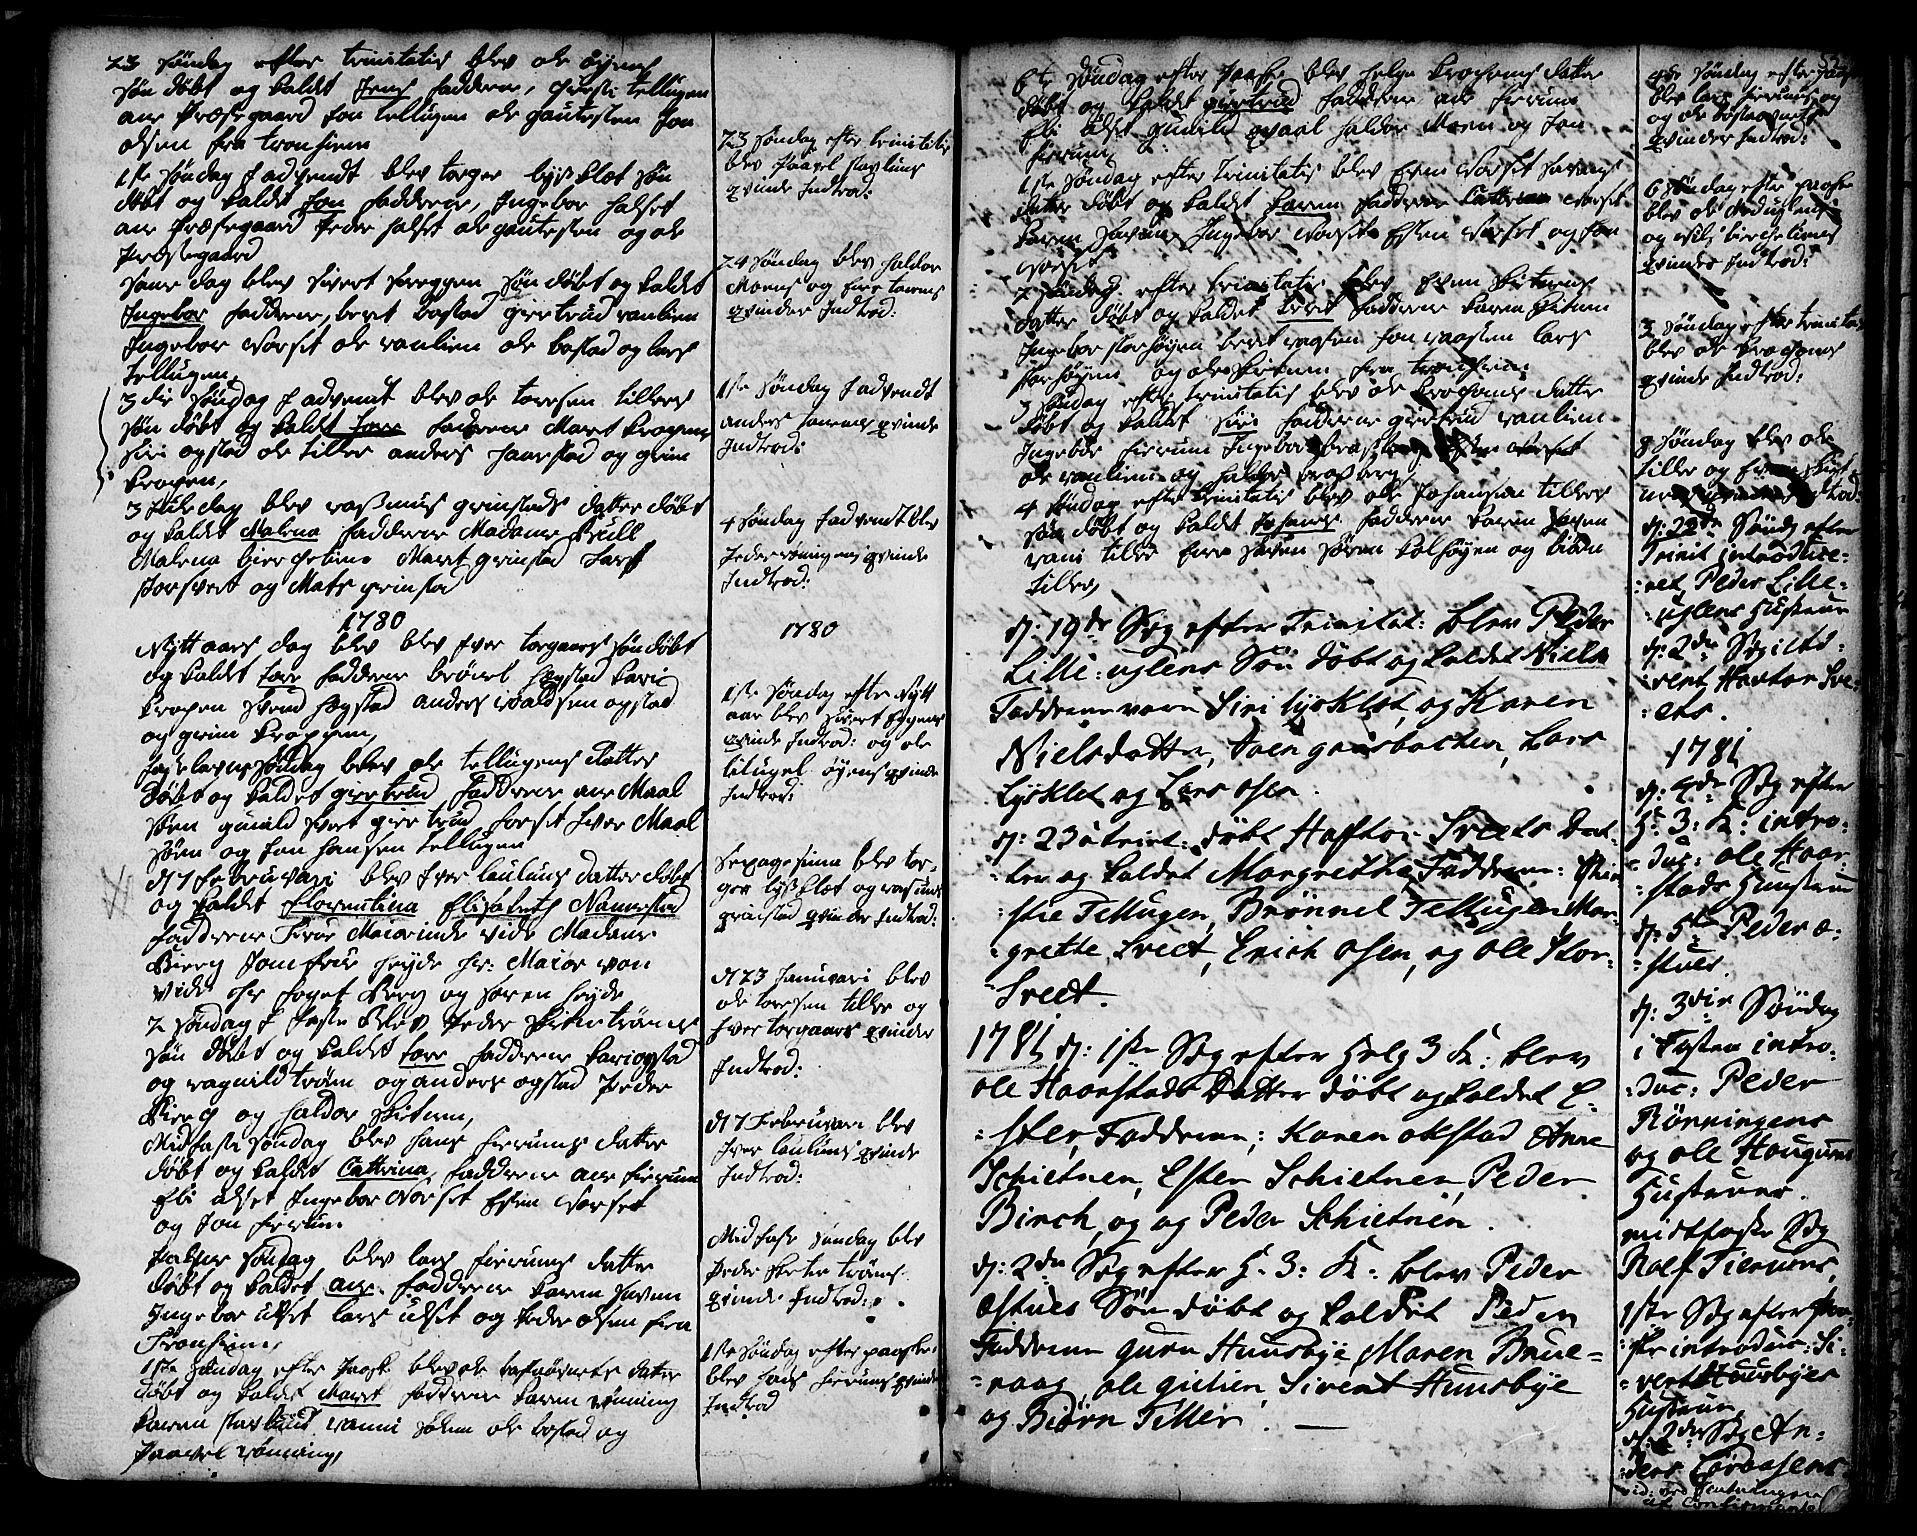 SAT, Ministerialprotokoller, klokkerbøker og fødselsregistre - Sør-Trøndelag, 618/L0437: Ministerialbok nr. 618A02, 1749-1782, s. 52